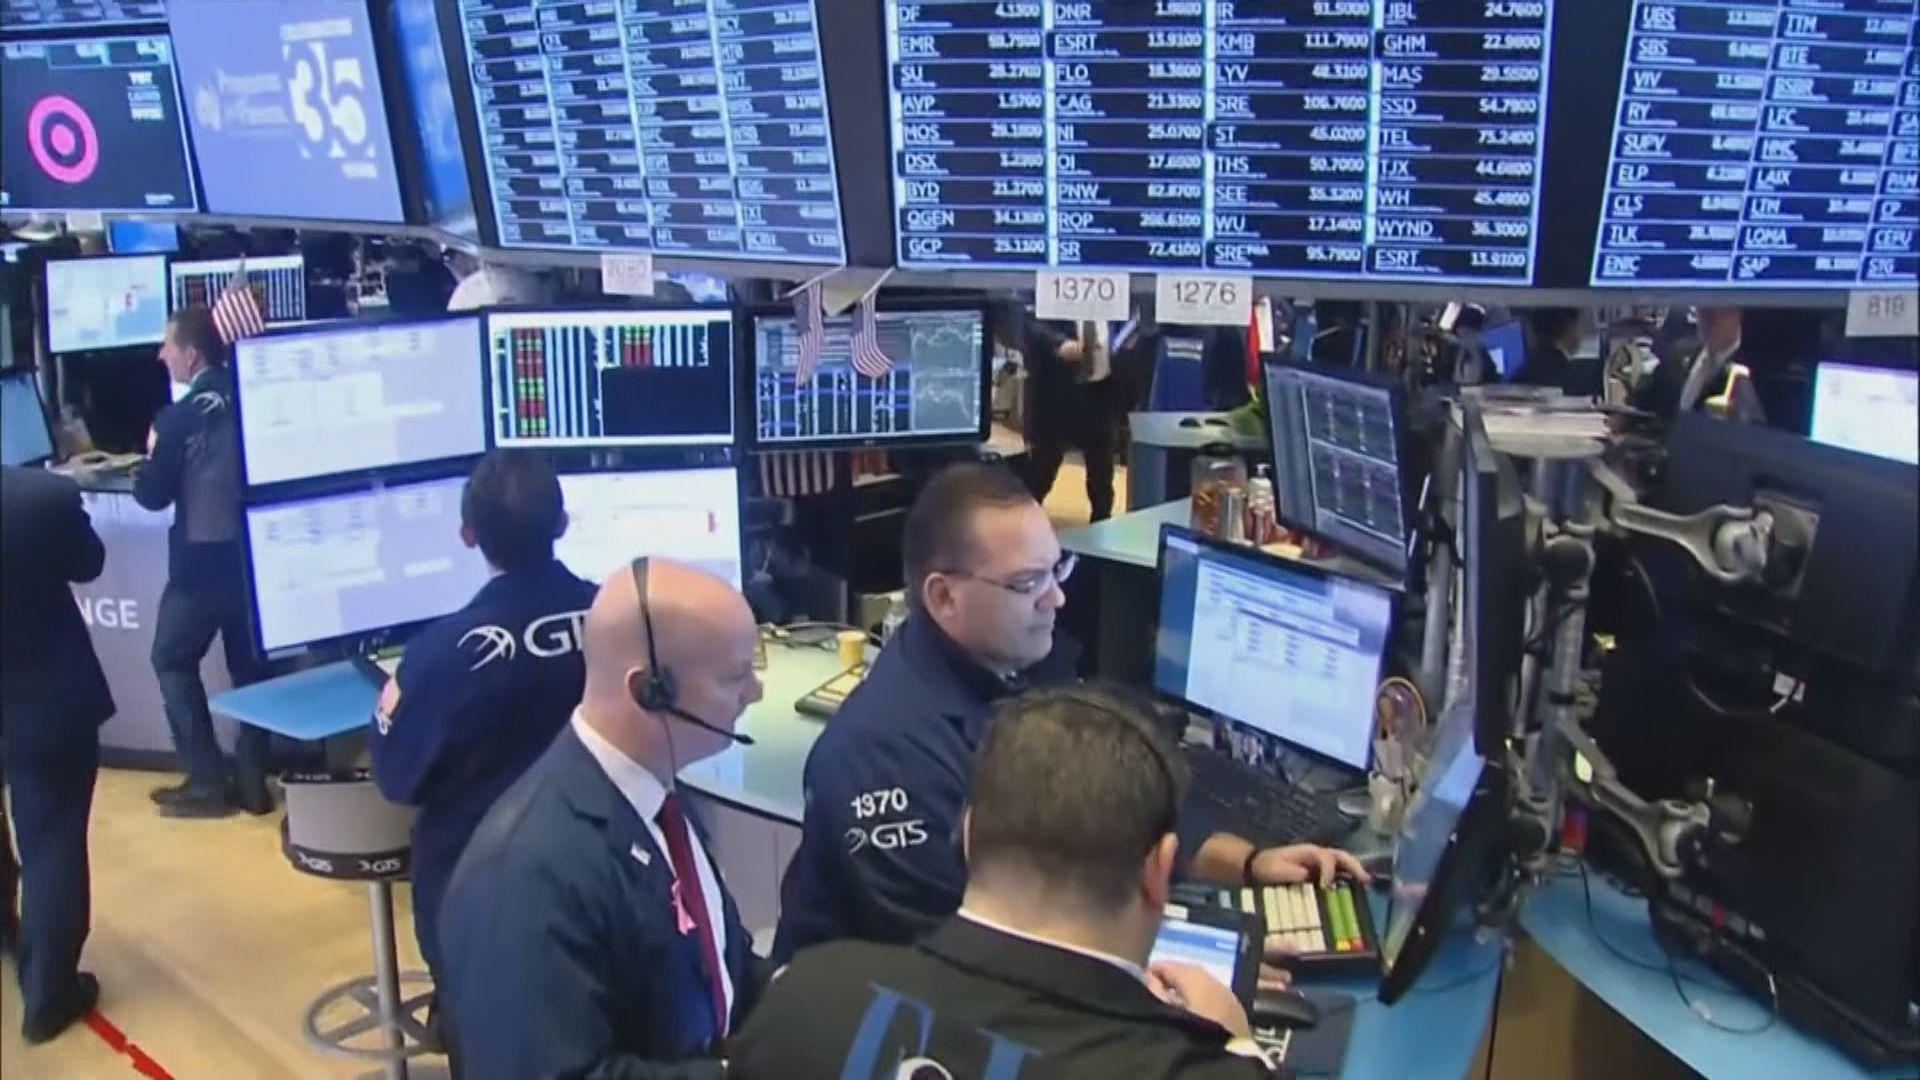 本周美股焦點:中美貿易談判及美國通脹數據